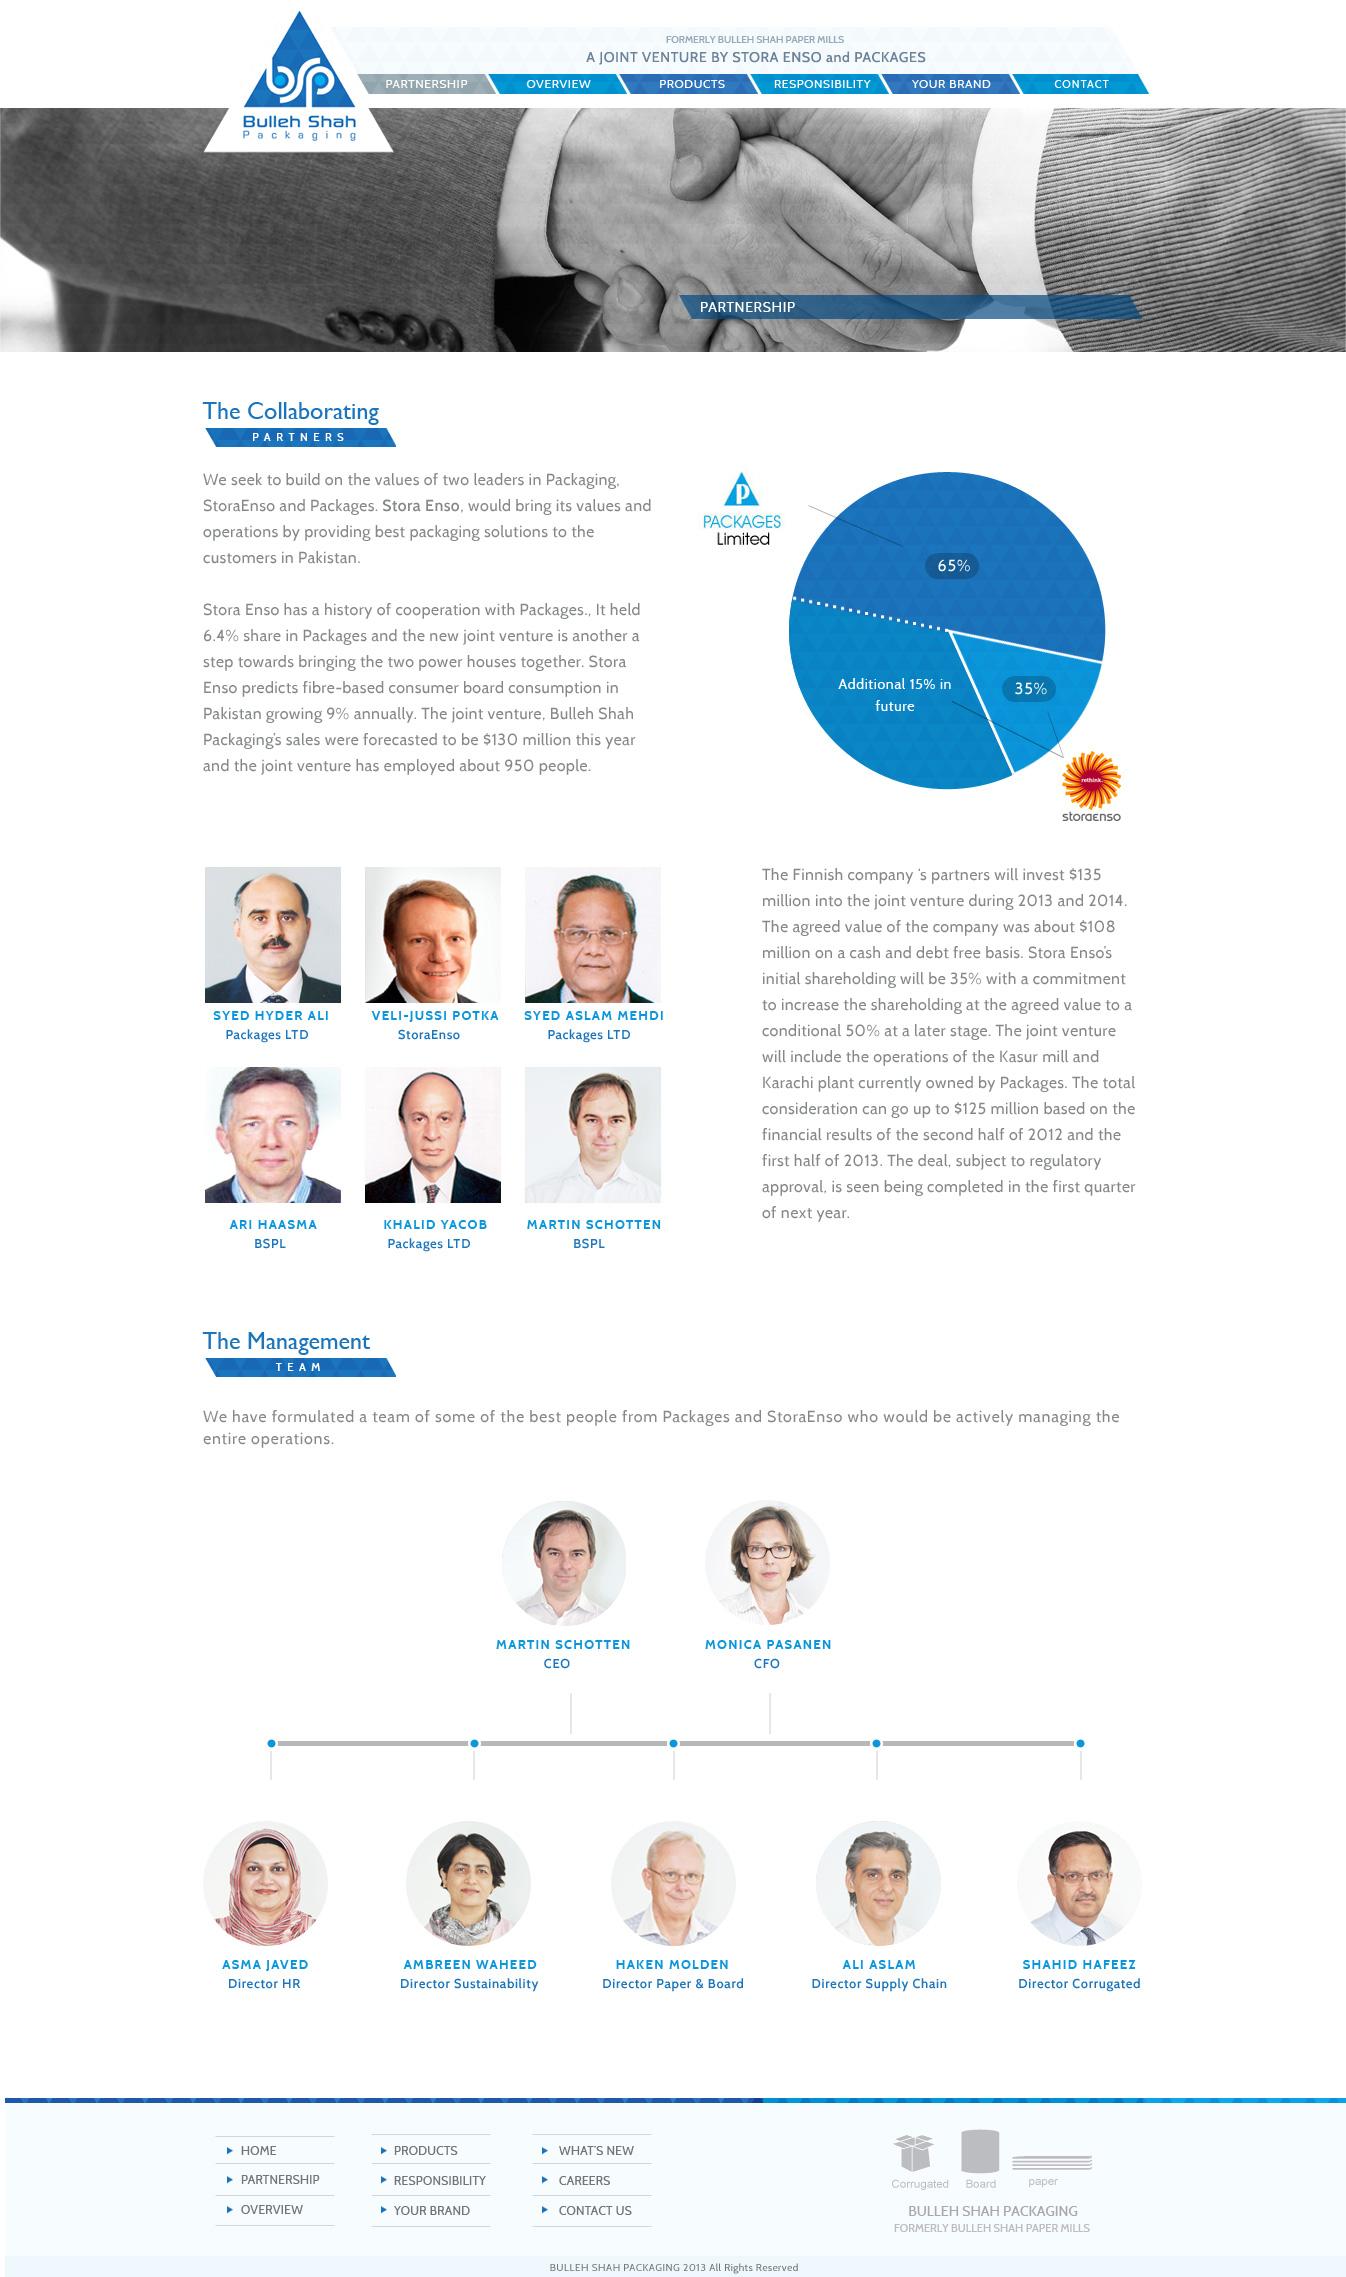 02_Partnership.jpg